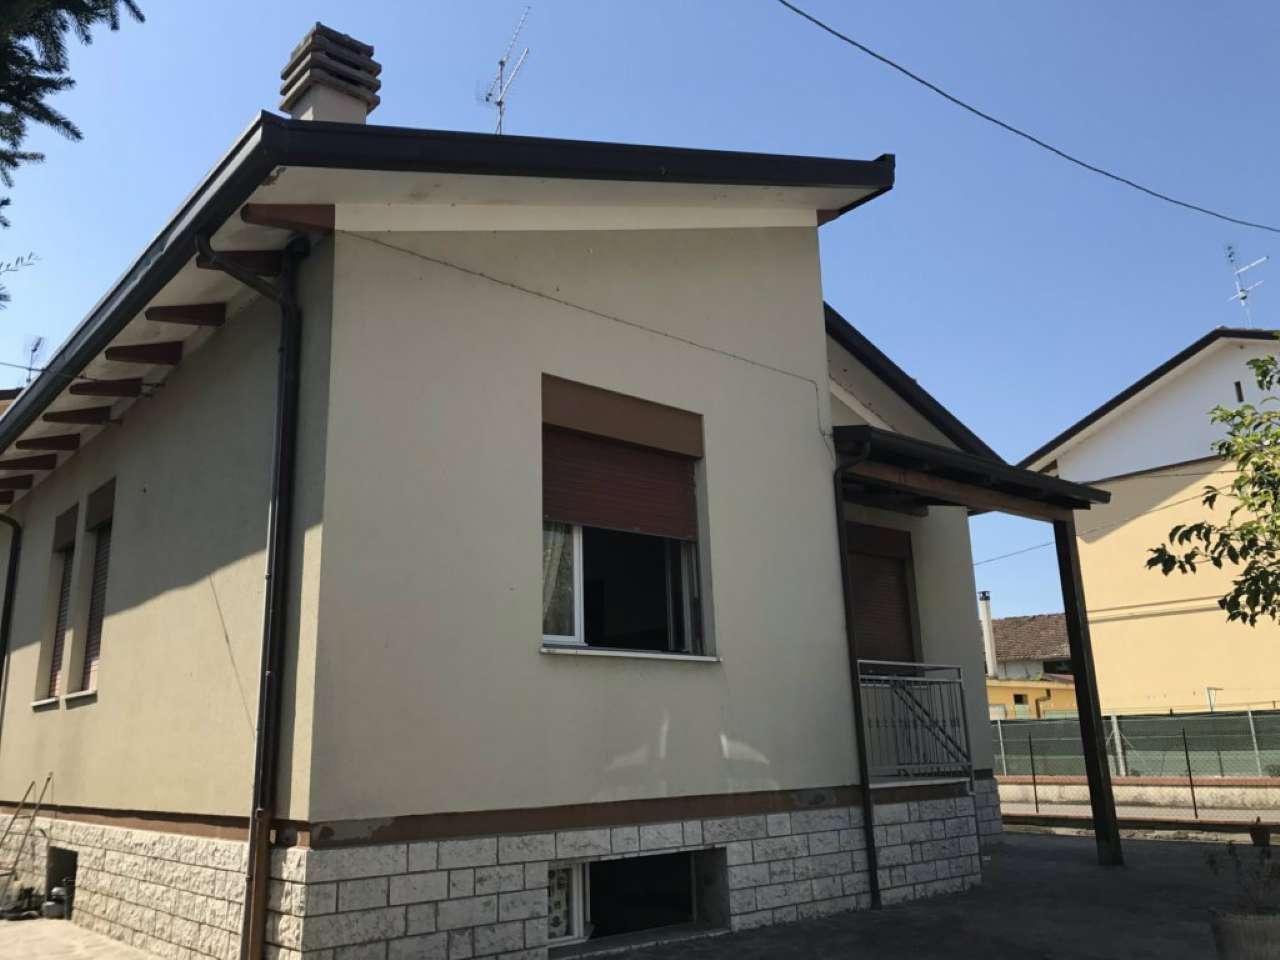 Soluzione Indipendente in vendita a Cesena, 9 locali, prezzo € 250.000   CambioCasa.it